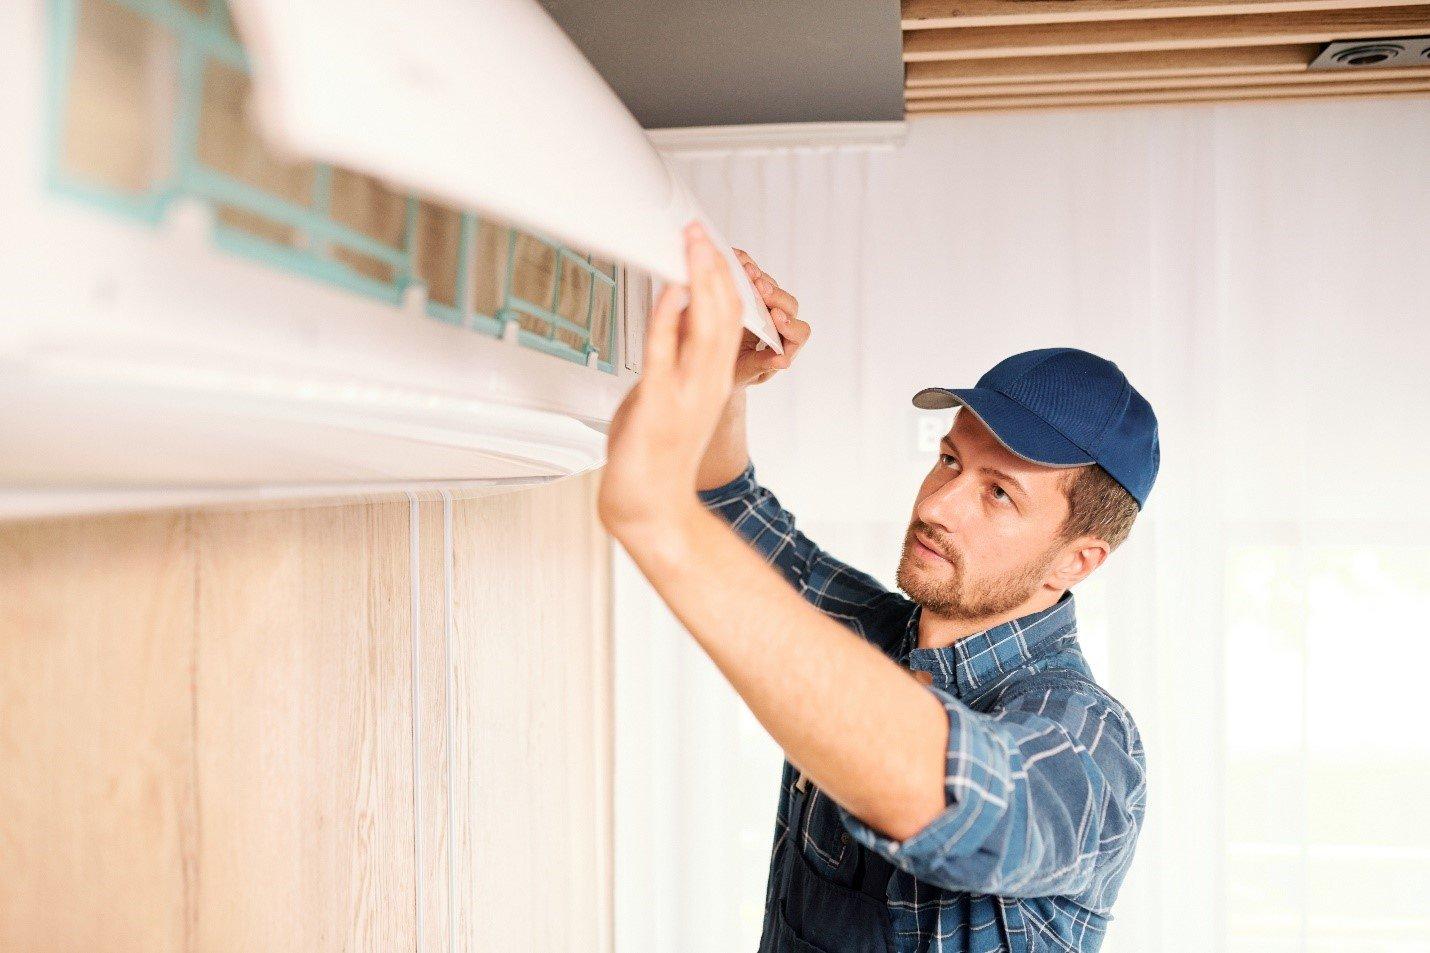 Man repairing an air conditioner